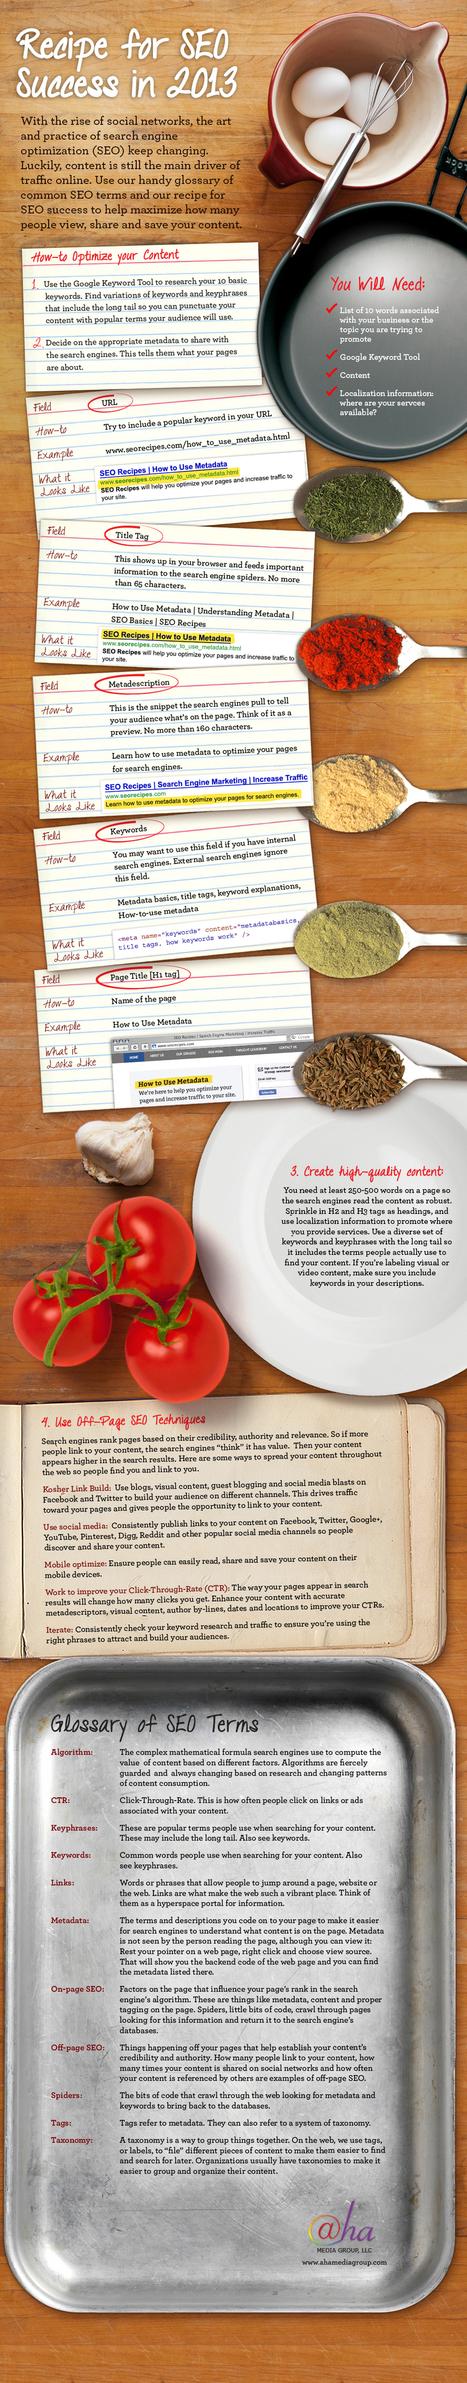 Infografica SEO: la ricetta del 2013 | Stellissimo SEO | Scoop.it